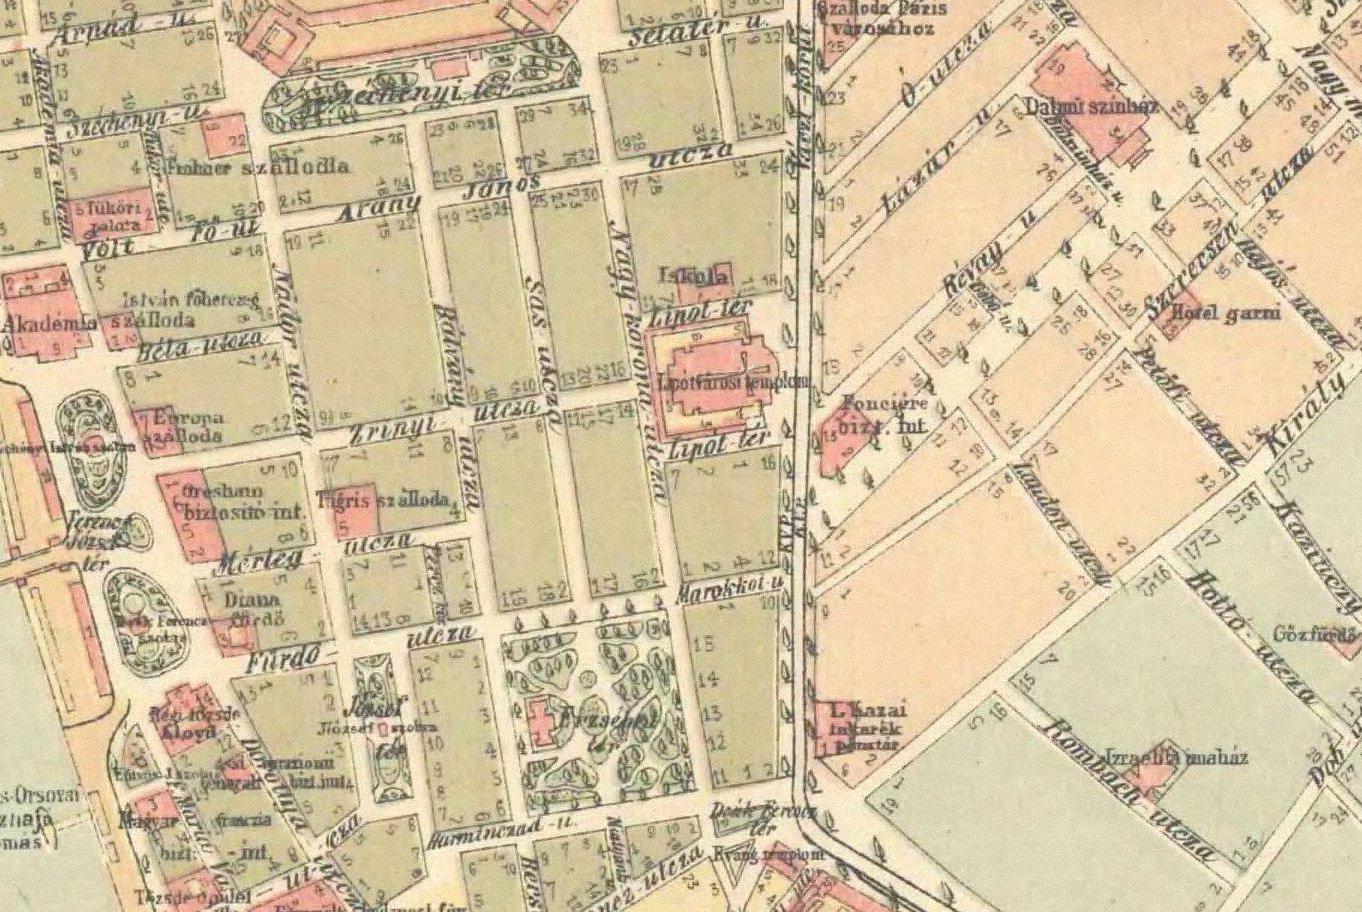 tárnok térkép Városi metamorfózisok: Utcanevek nyomában tárnok térkép